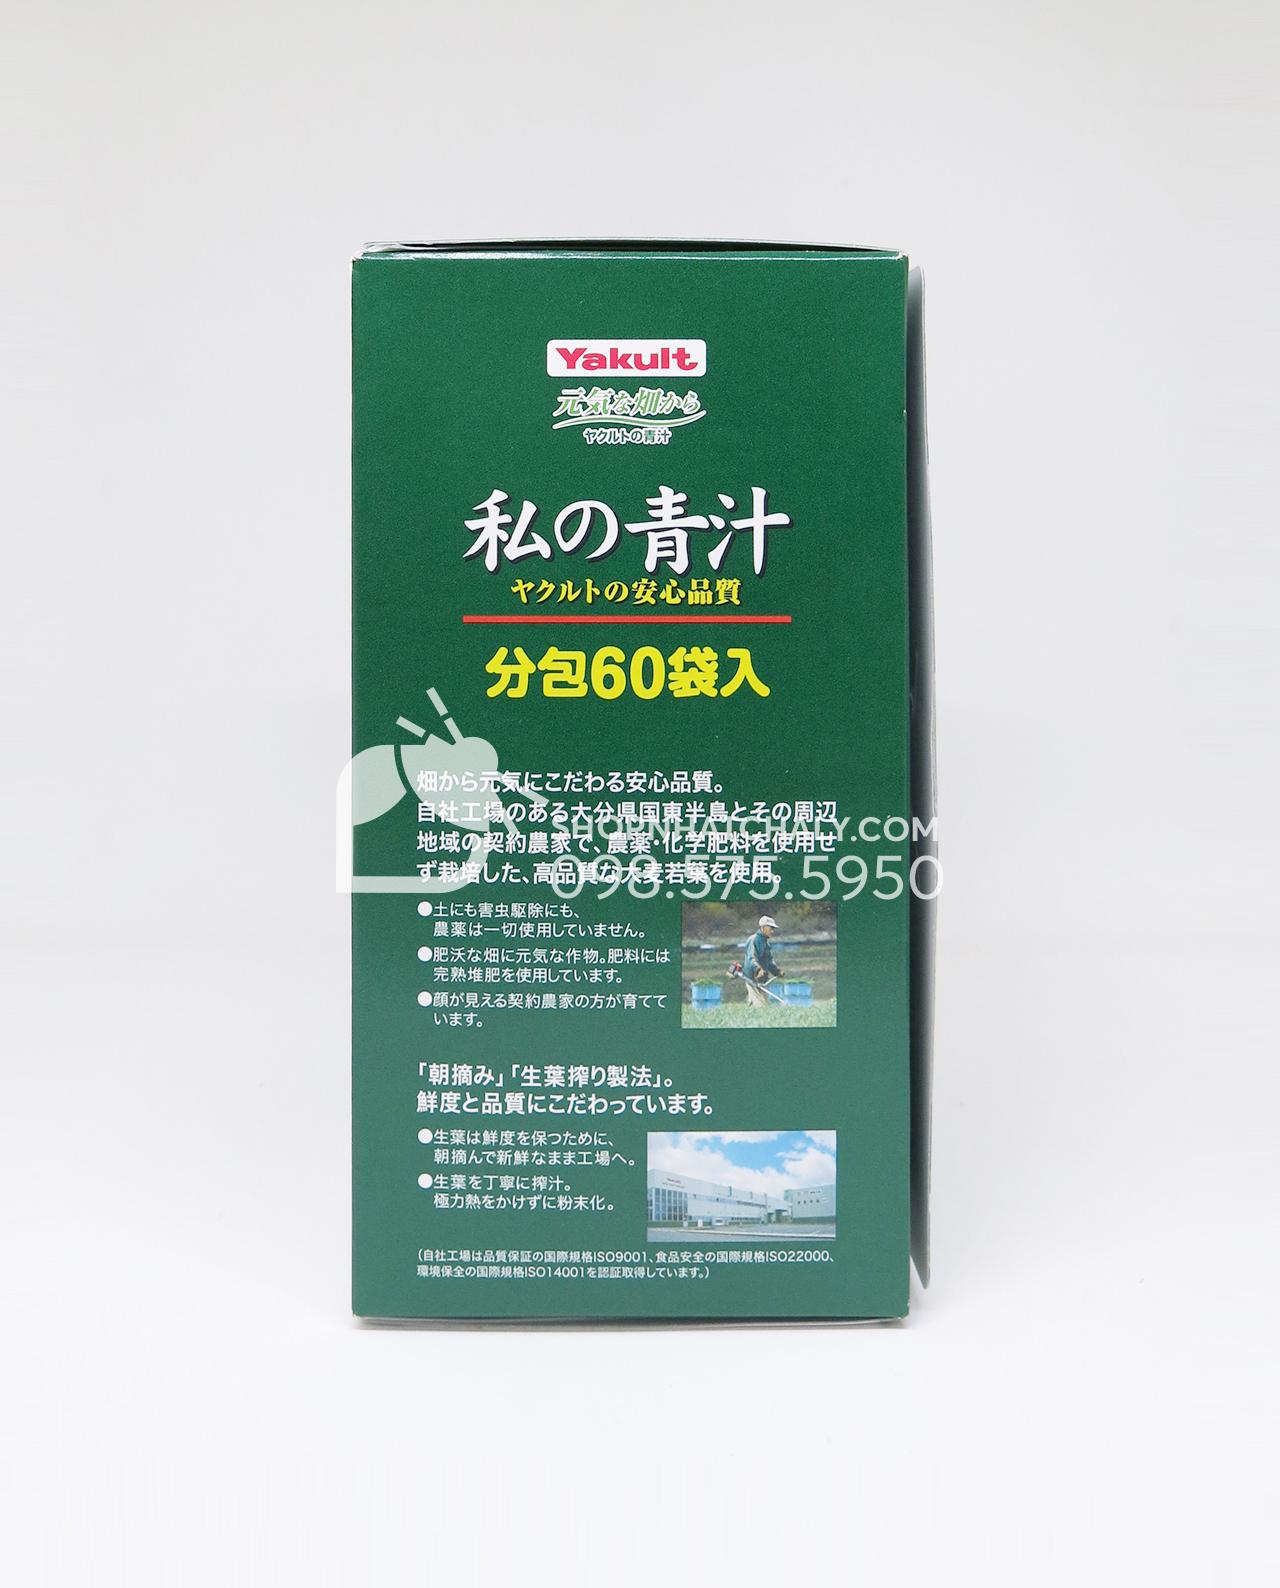 Các nguyên liệu trong Bột rau xanh Yakult được trồng, chăm sóc và xử lý dưới quy trình nghiêm ngặt của hãng Yakult Nhật Bản để đảm bảo nguồn nguyên liệu luôn tươi mới và an toàn nhất